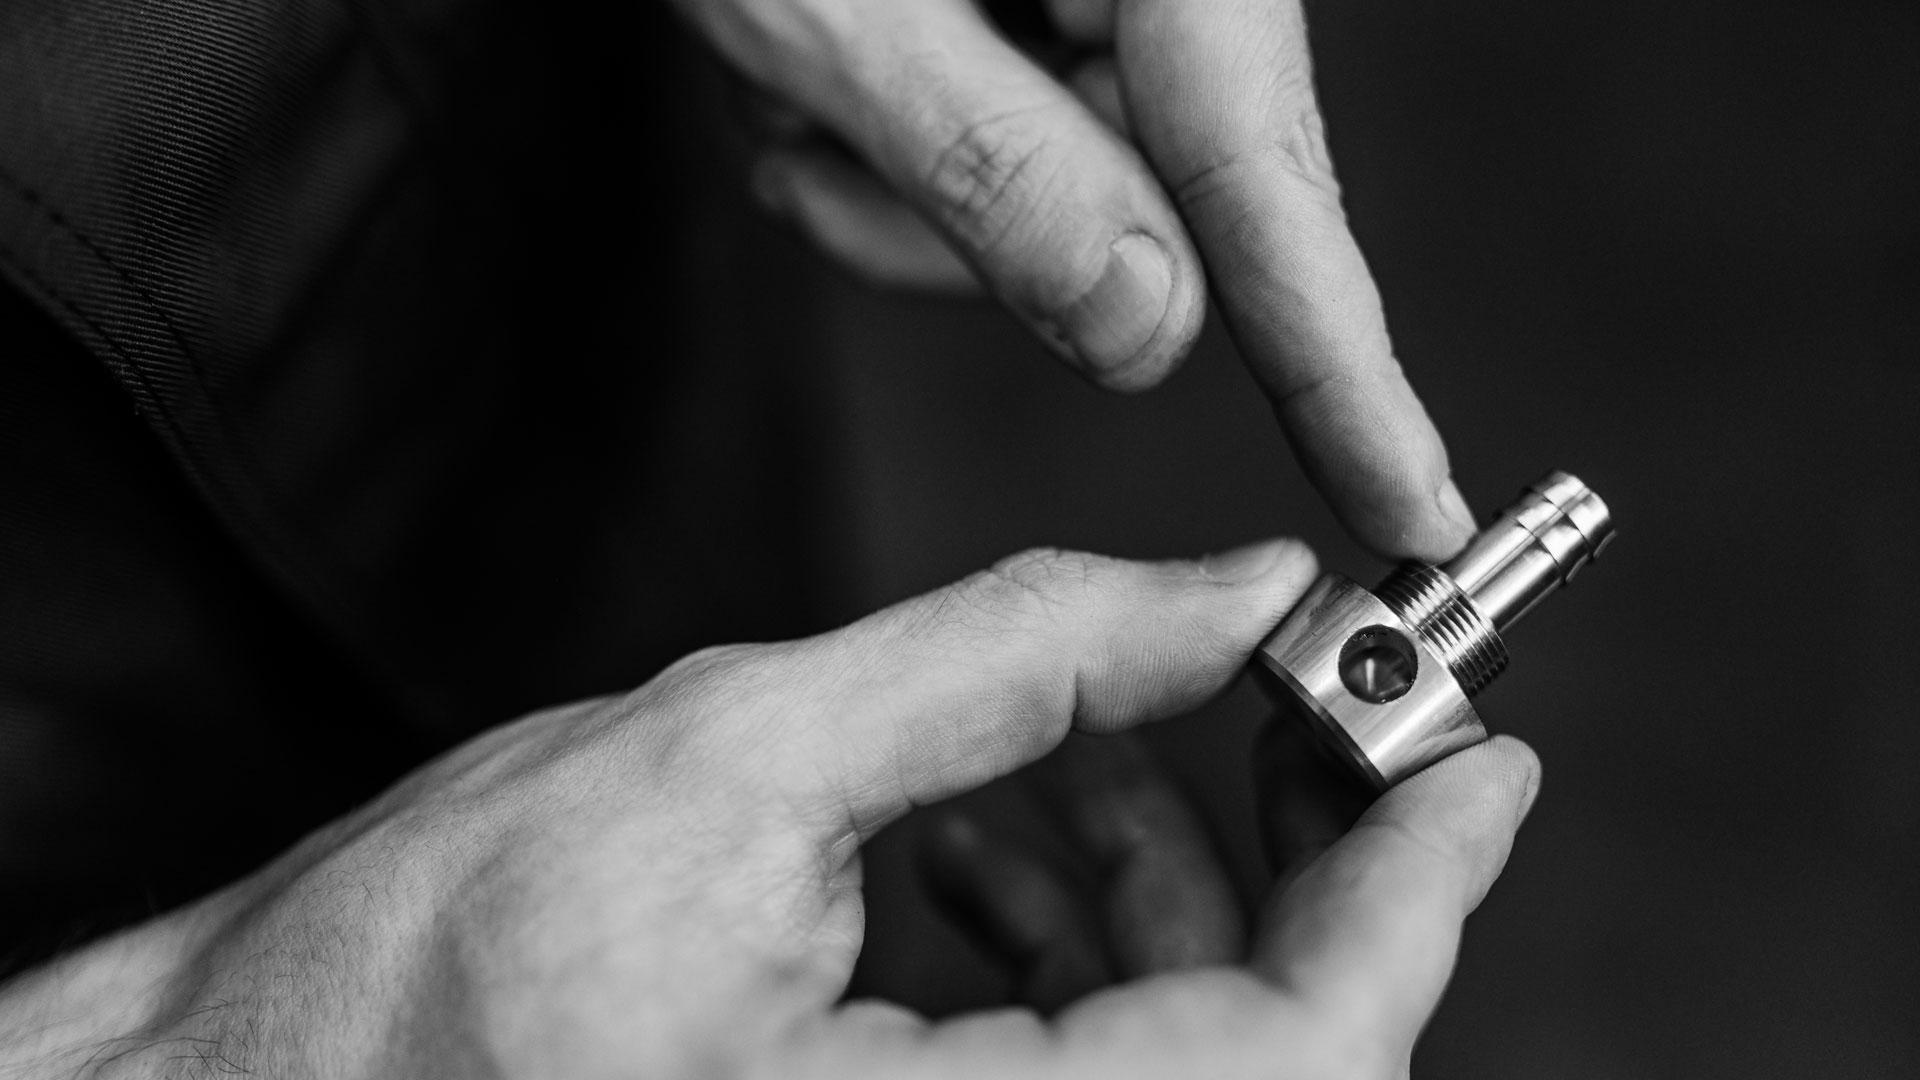 Einblick in die Produktionsstätte / Hände mit Schraube (Detailaufnahme)